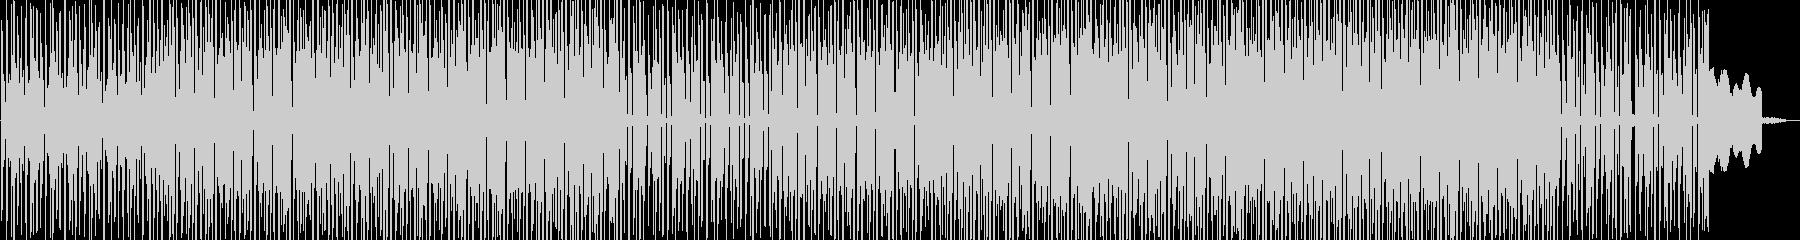 コミカルなエレクトロポップスの未再生の波形